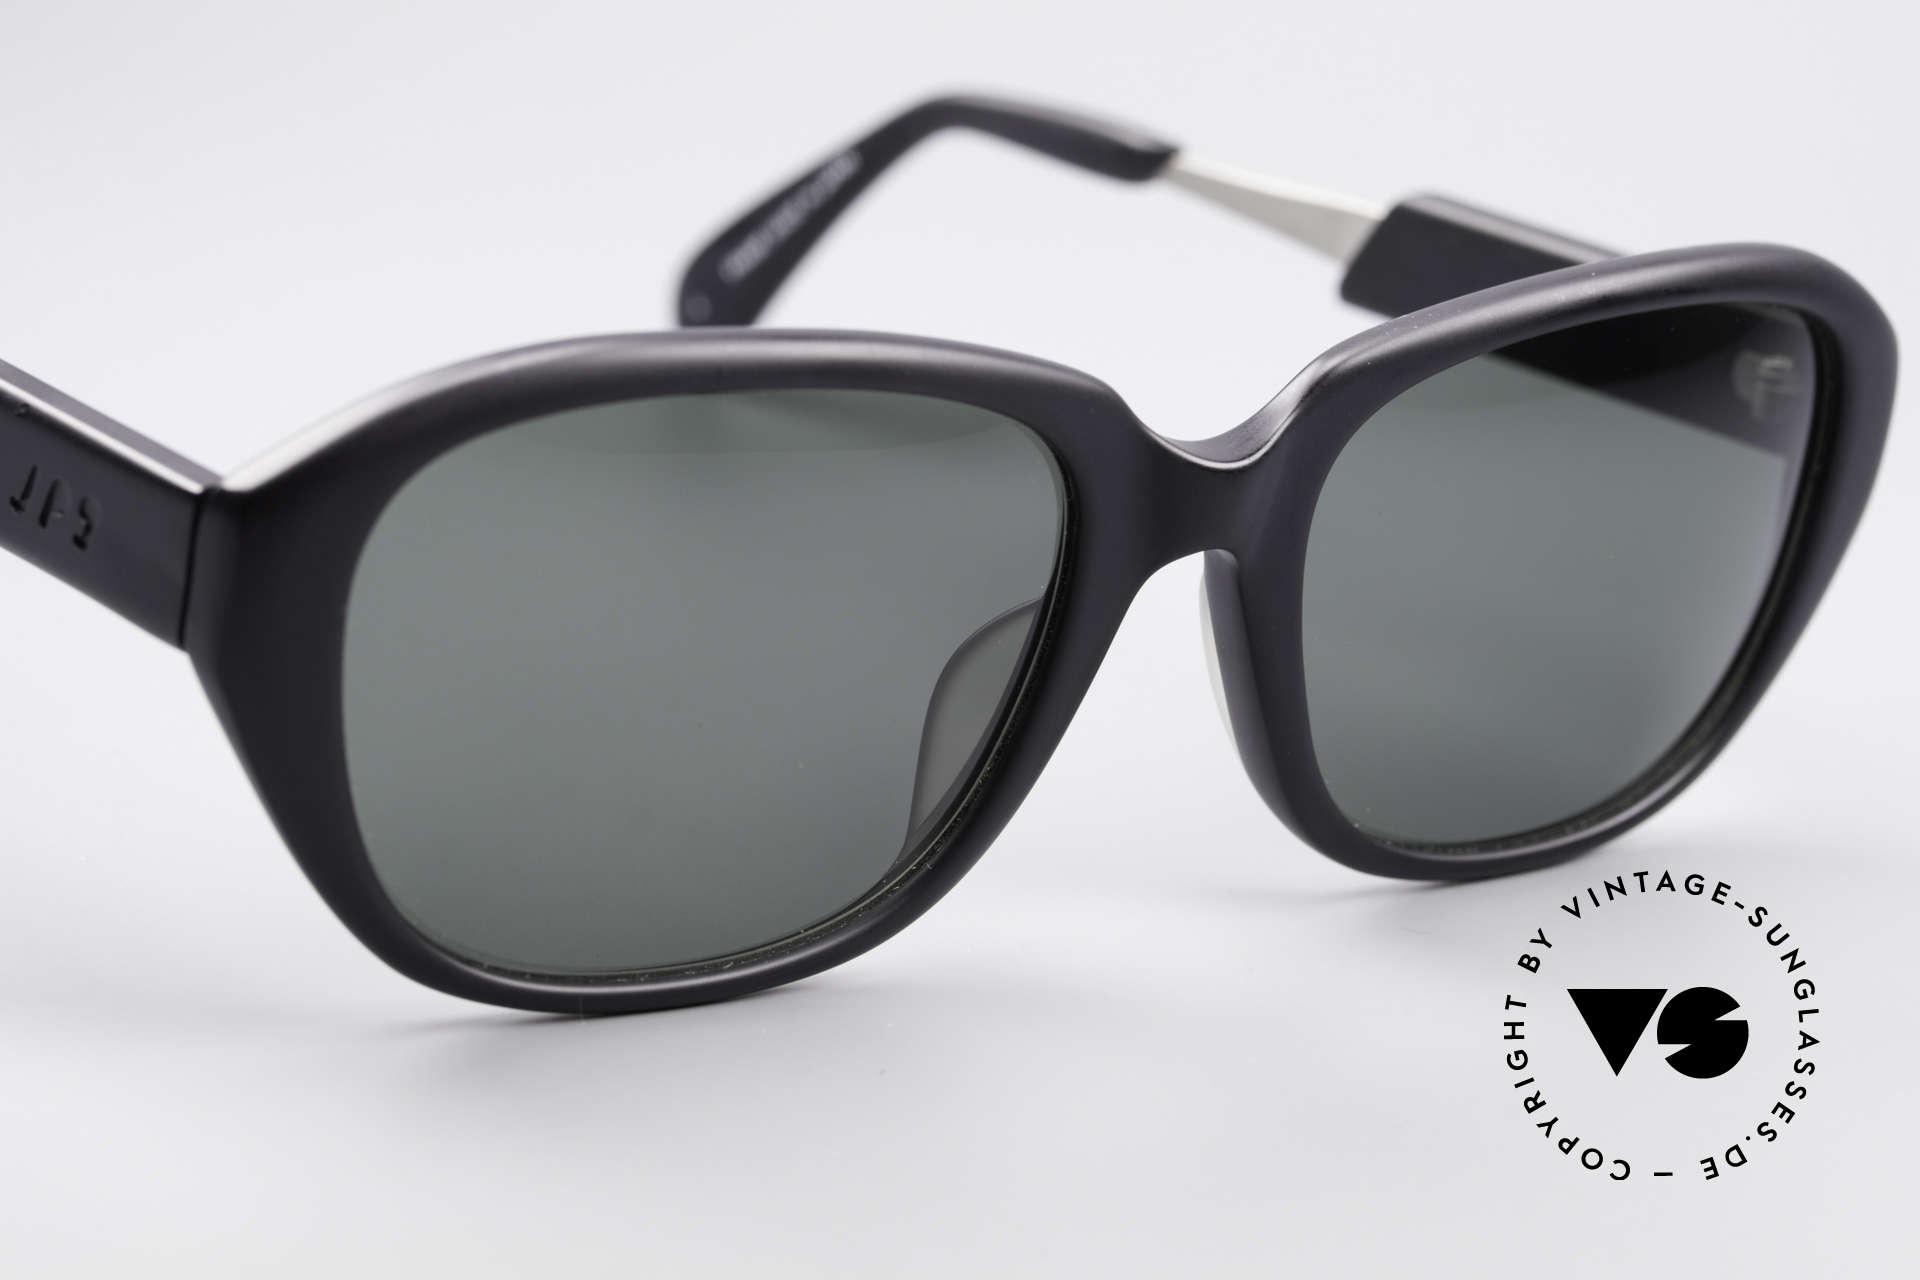 Jean Paul Gaultier 56-1072 Designer 90er Sonnenbrille, KEINE RETRO-Sonnenbrille, 100% vintage ORIGINAL, Passend für Herren und Damen